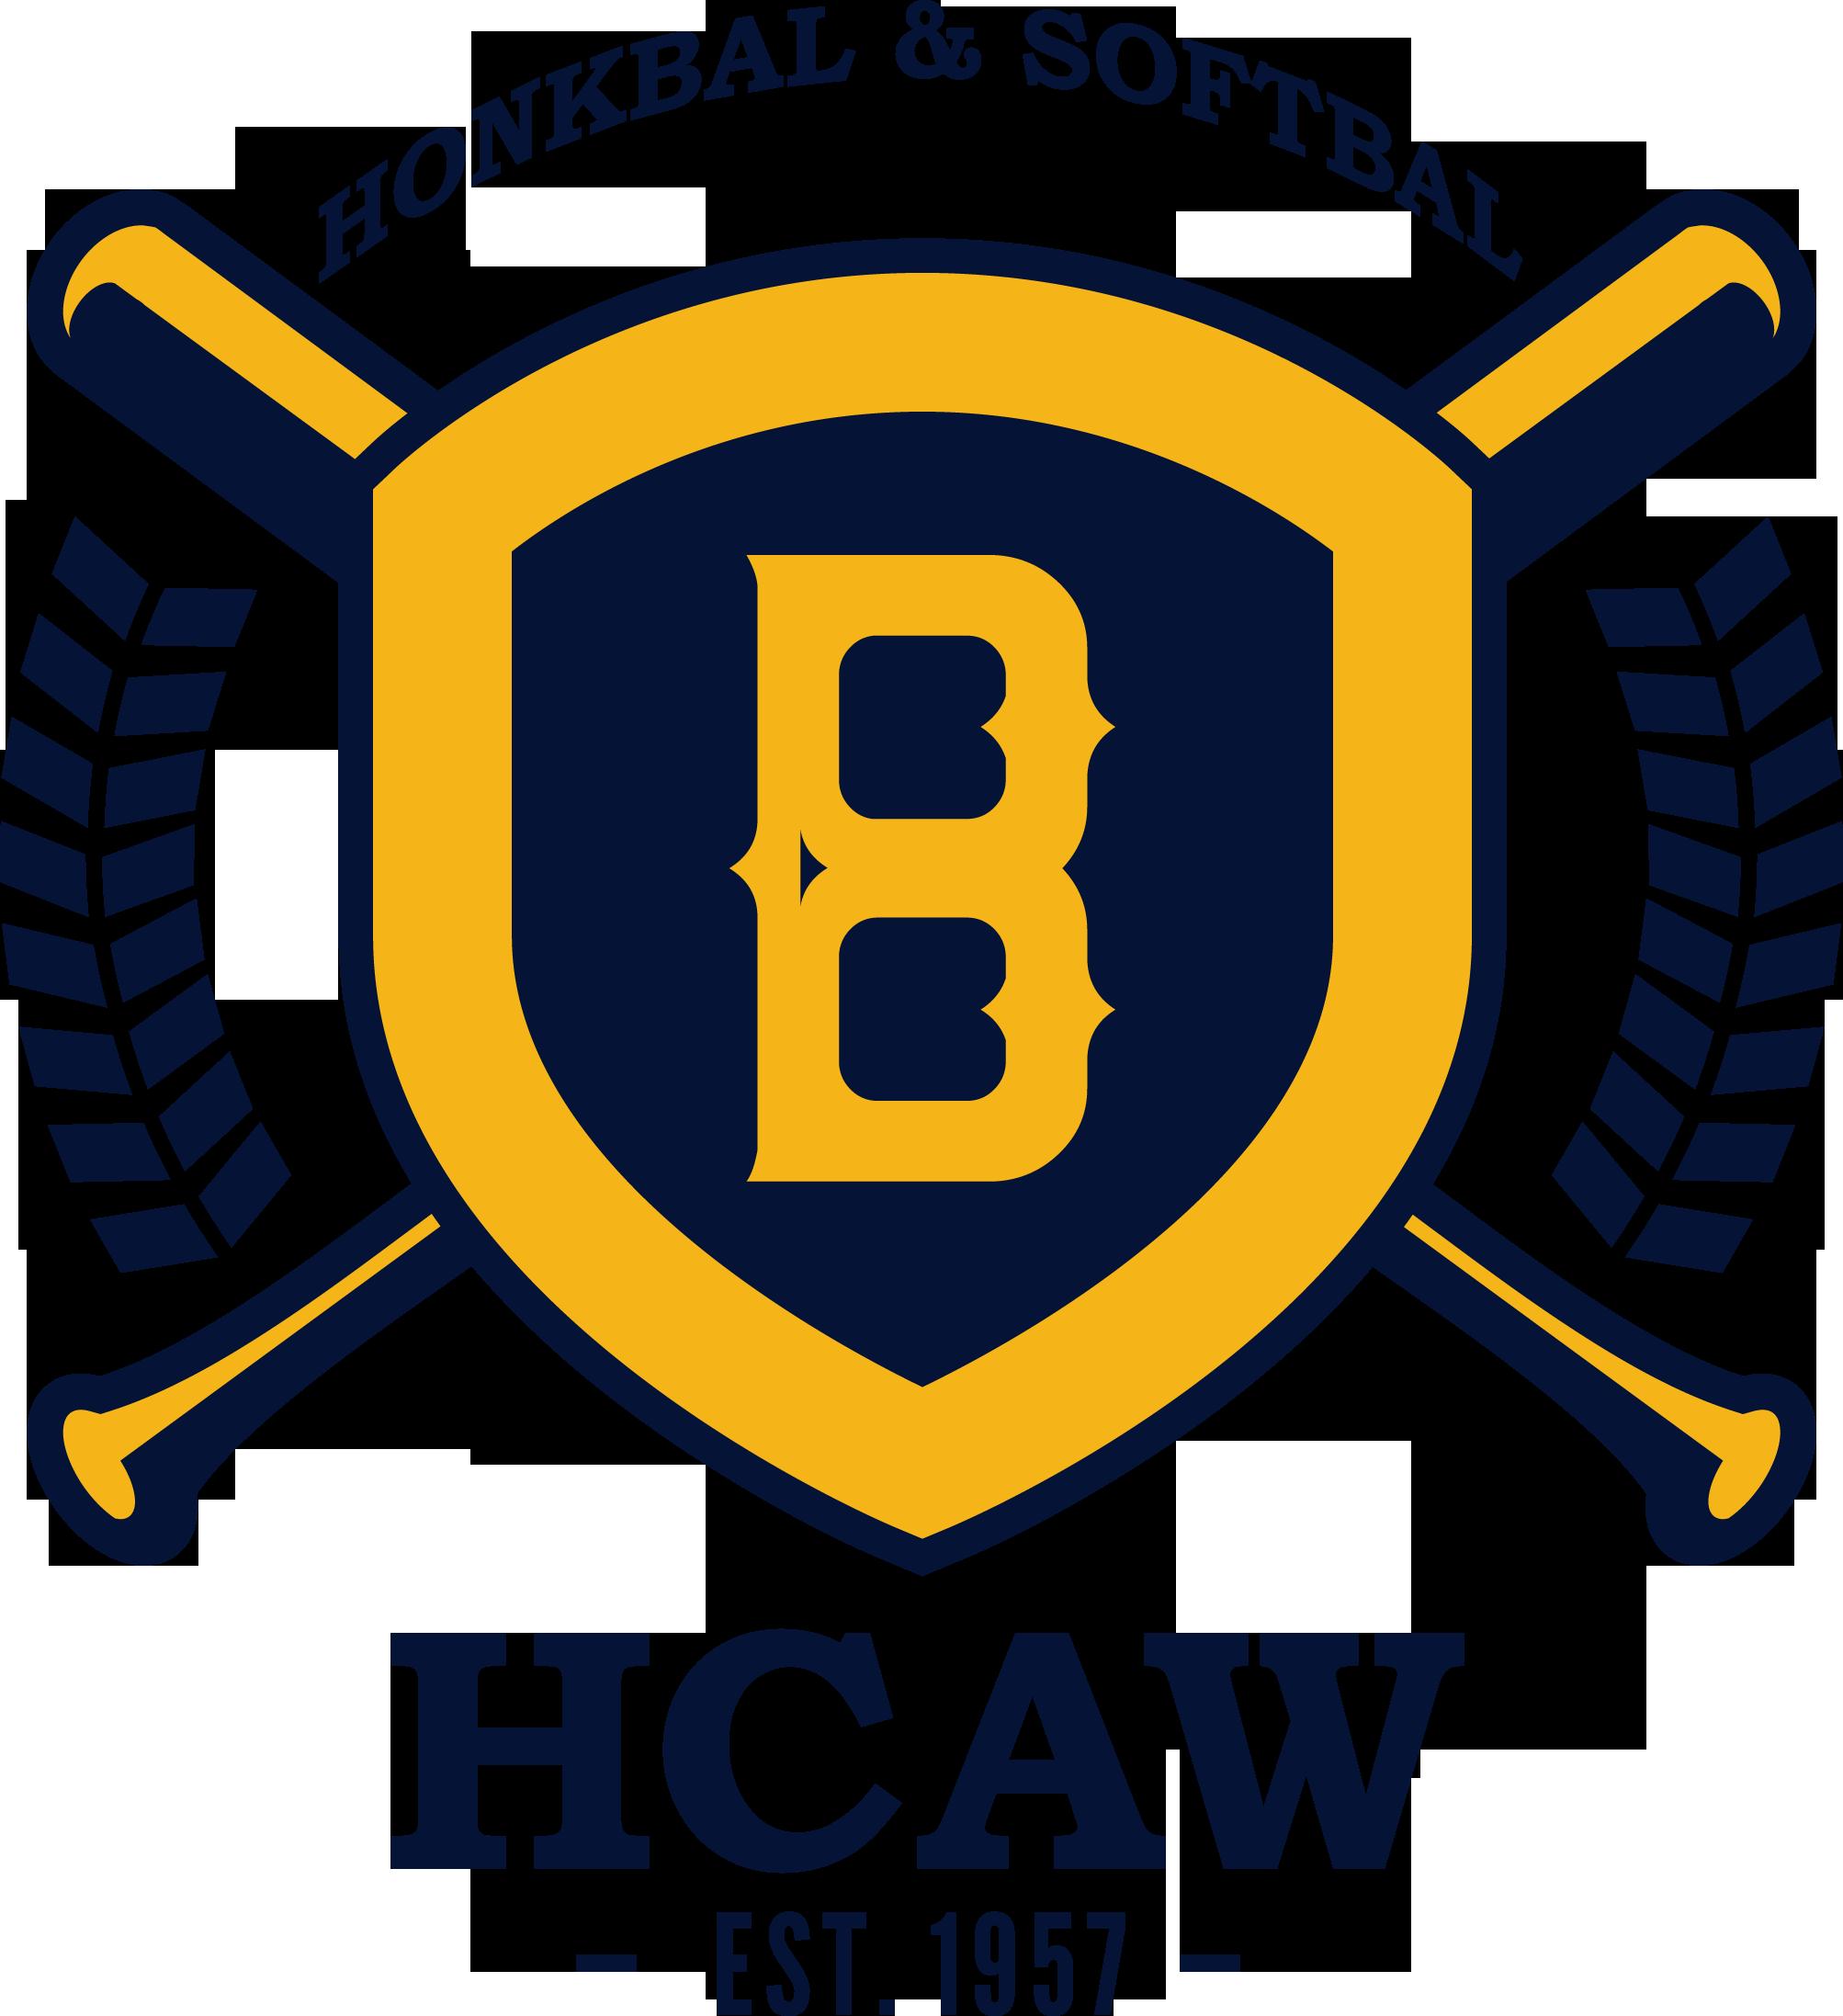 HCAW Baseball & Softball